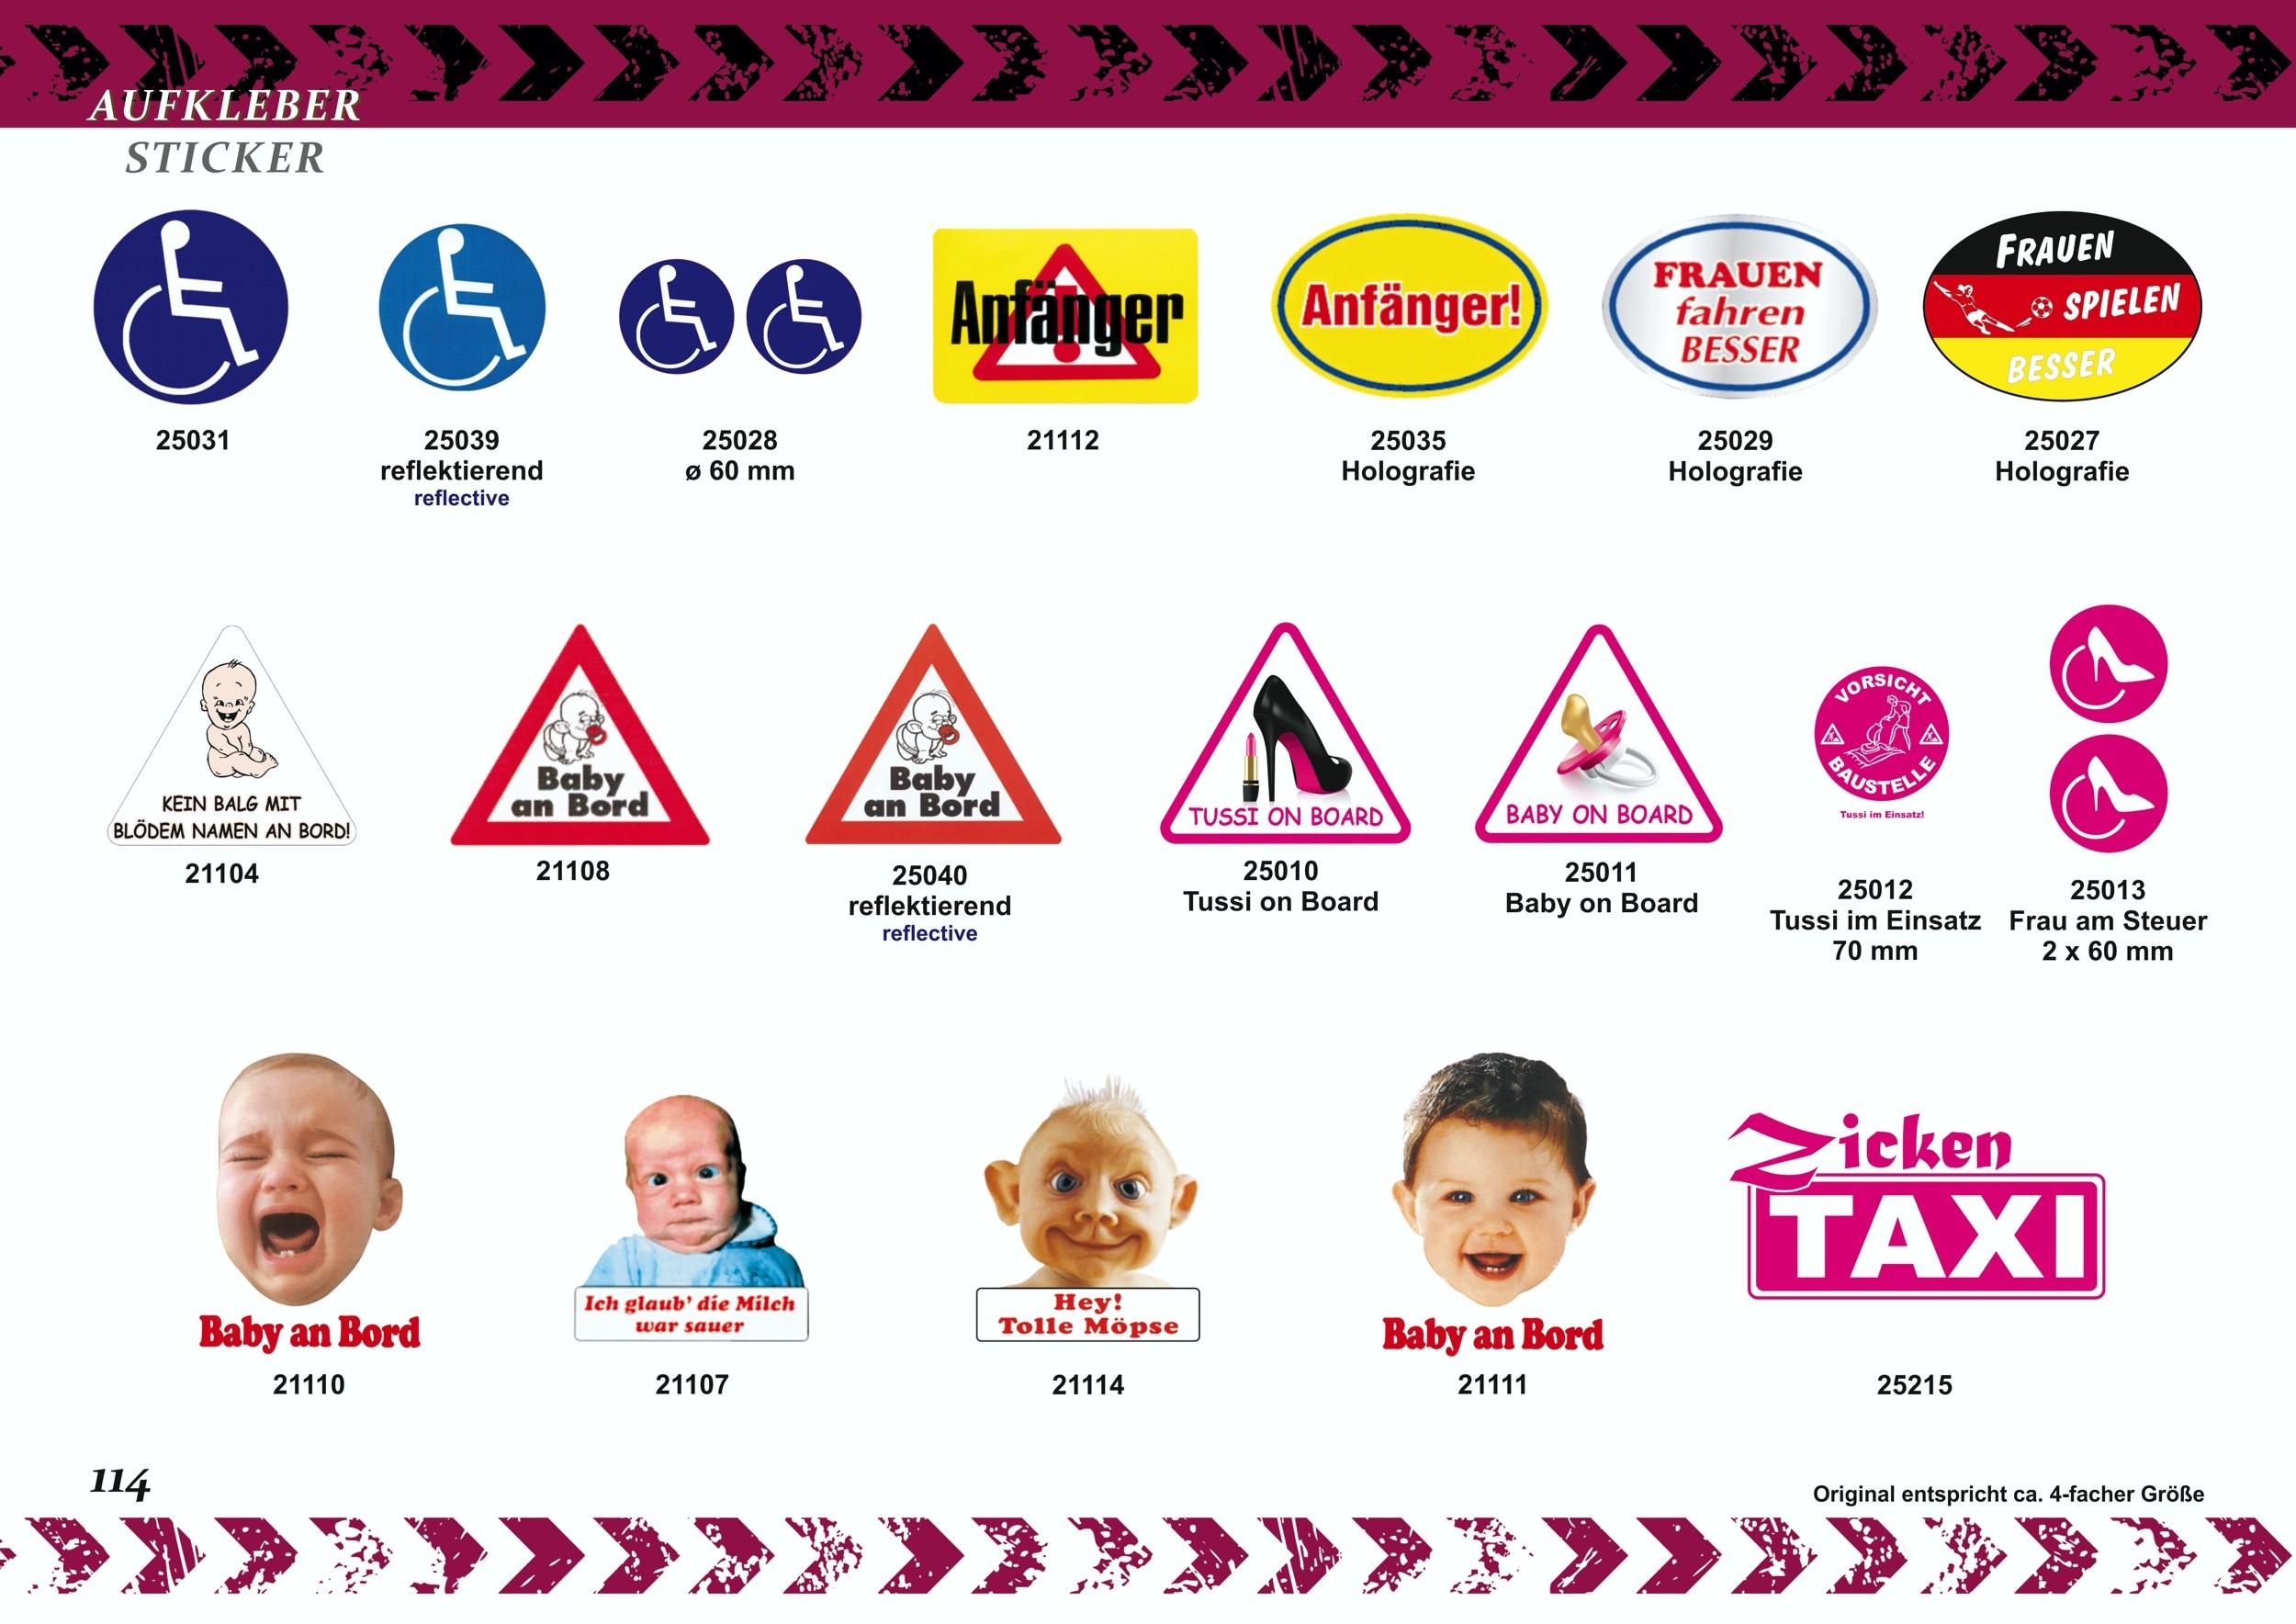 Sticker  Das Bundesgesundheitsministerium warnt: Das Berühren dieses Fahrzeugs kann schlagartig Zahnausfall verursachen! – Bild 7